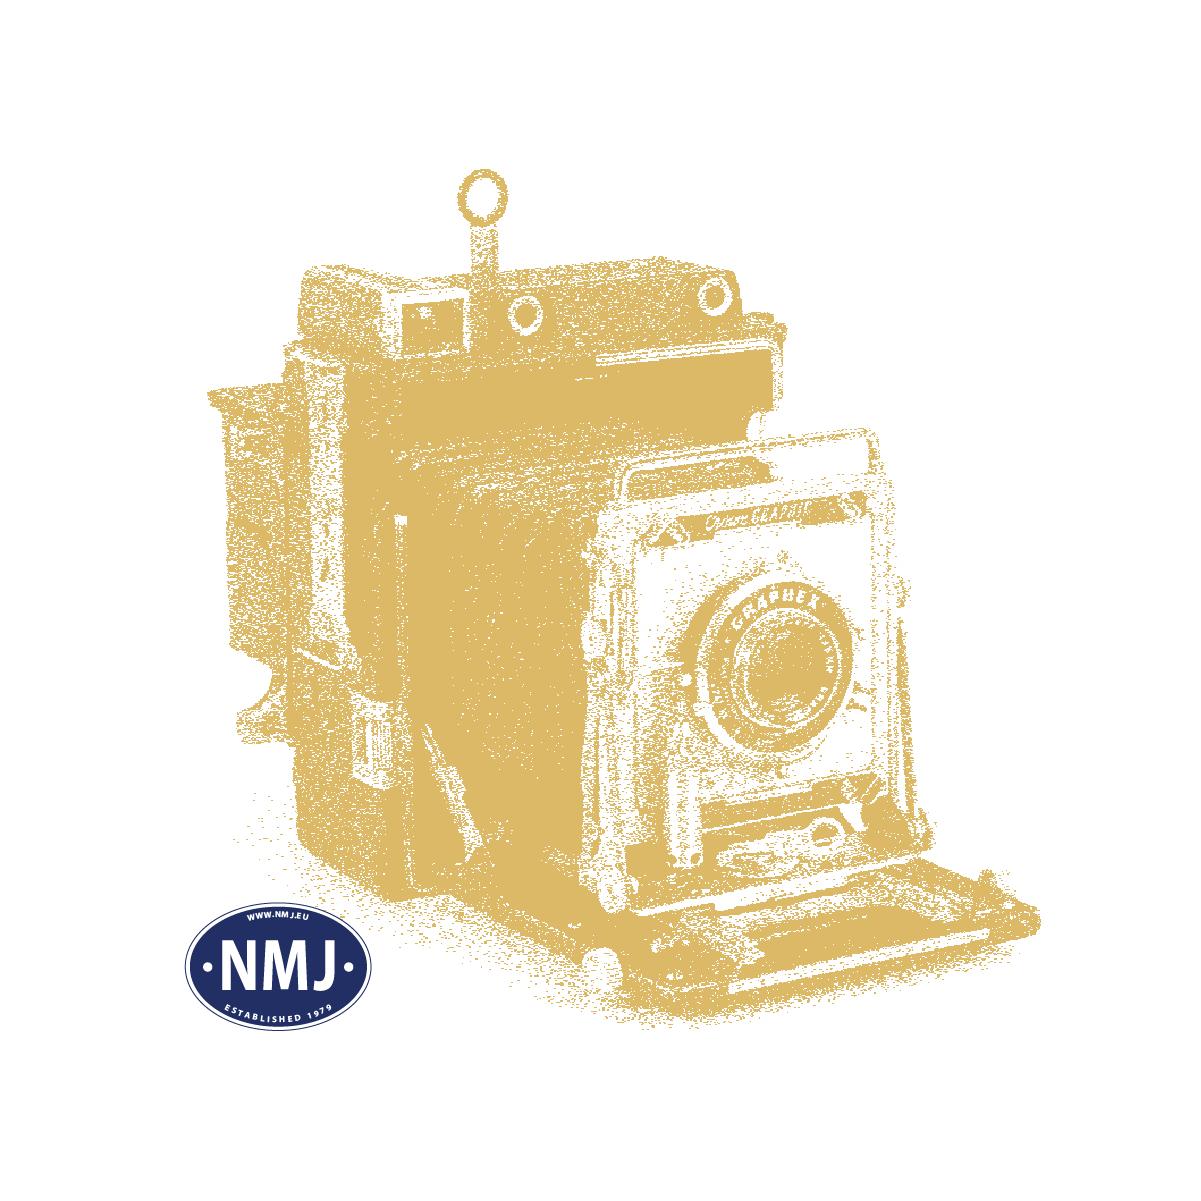 NMJT405.103 - MAV-Start CAF Cochette  Bcmz 61 55 50-91 106-4